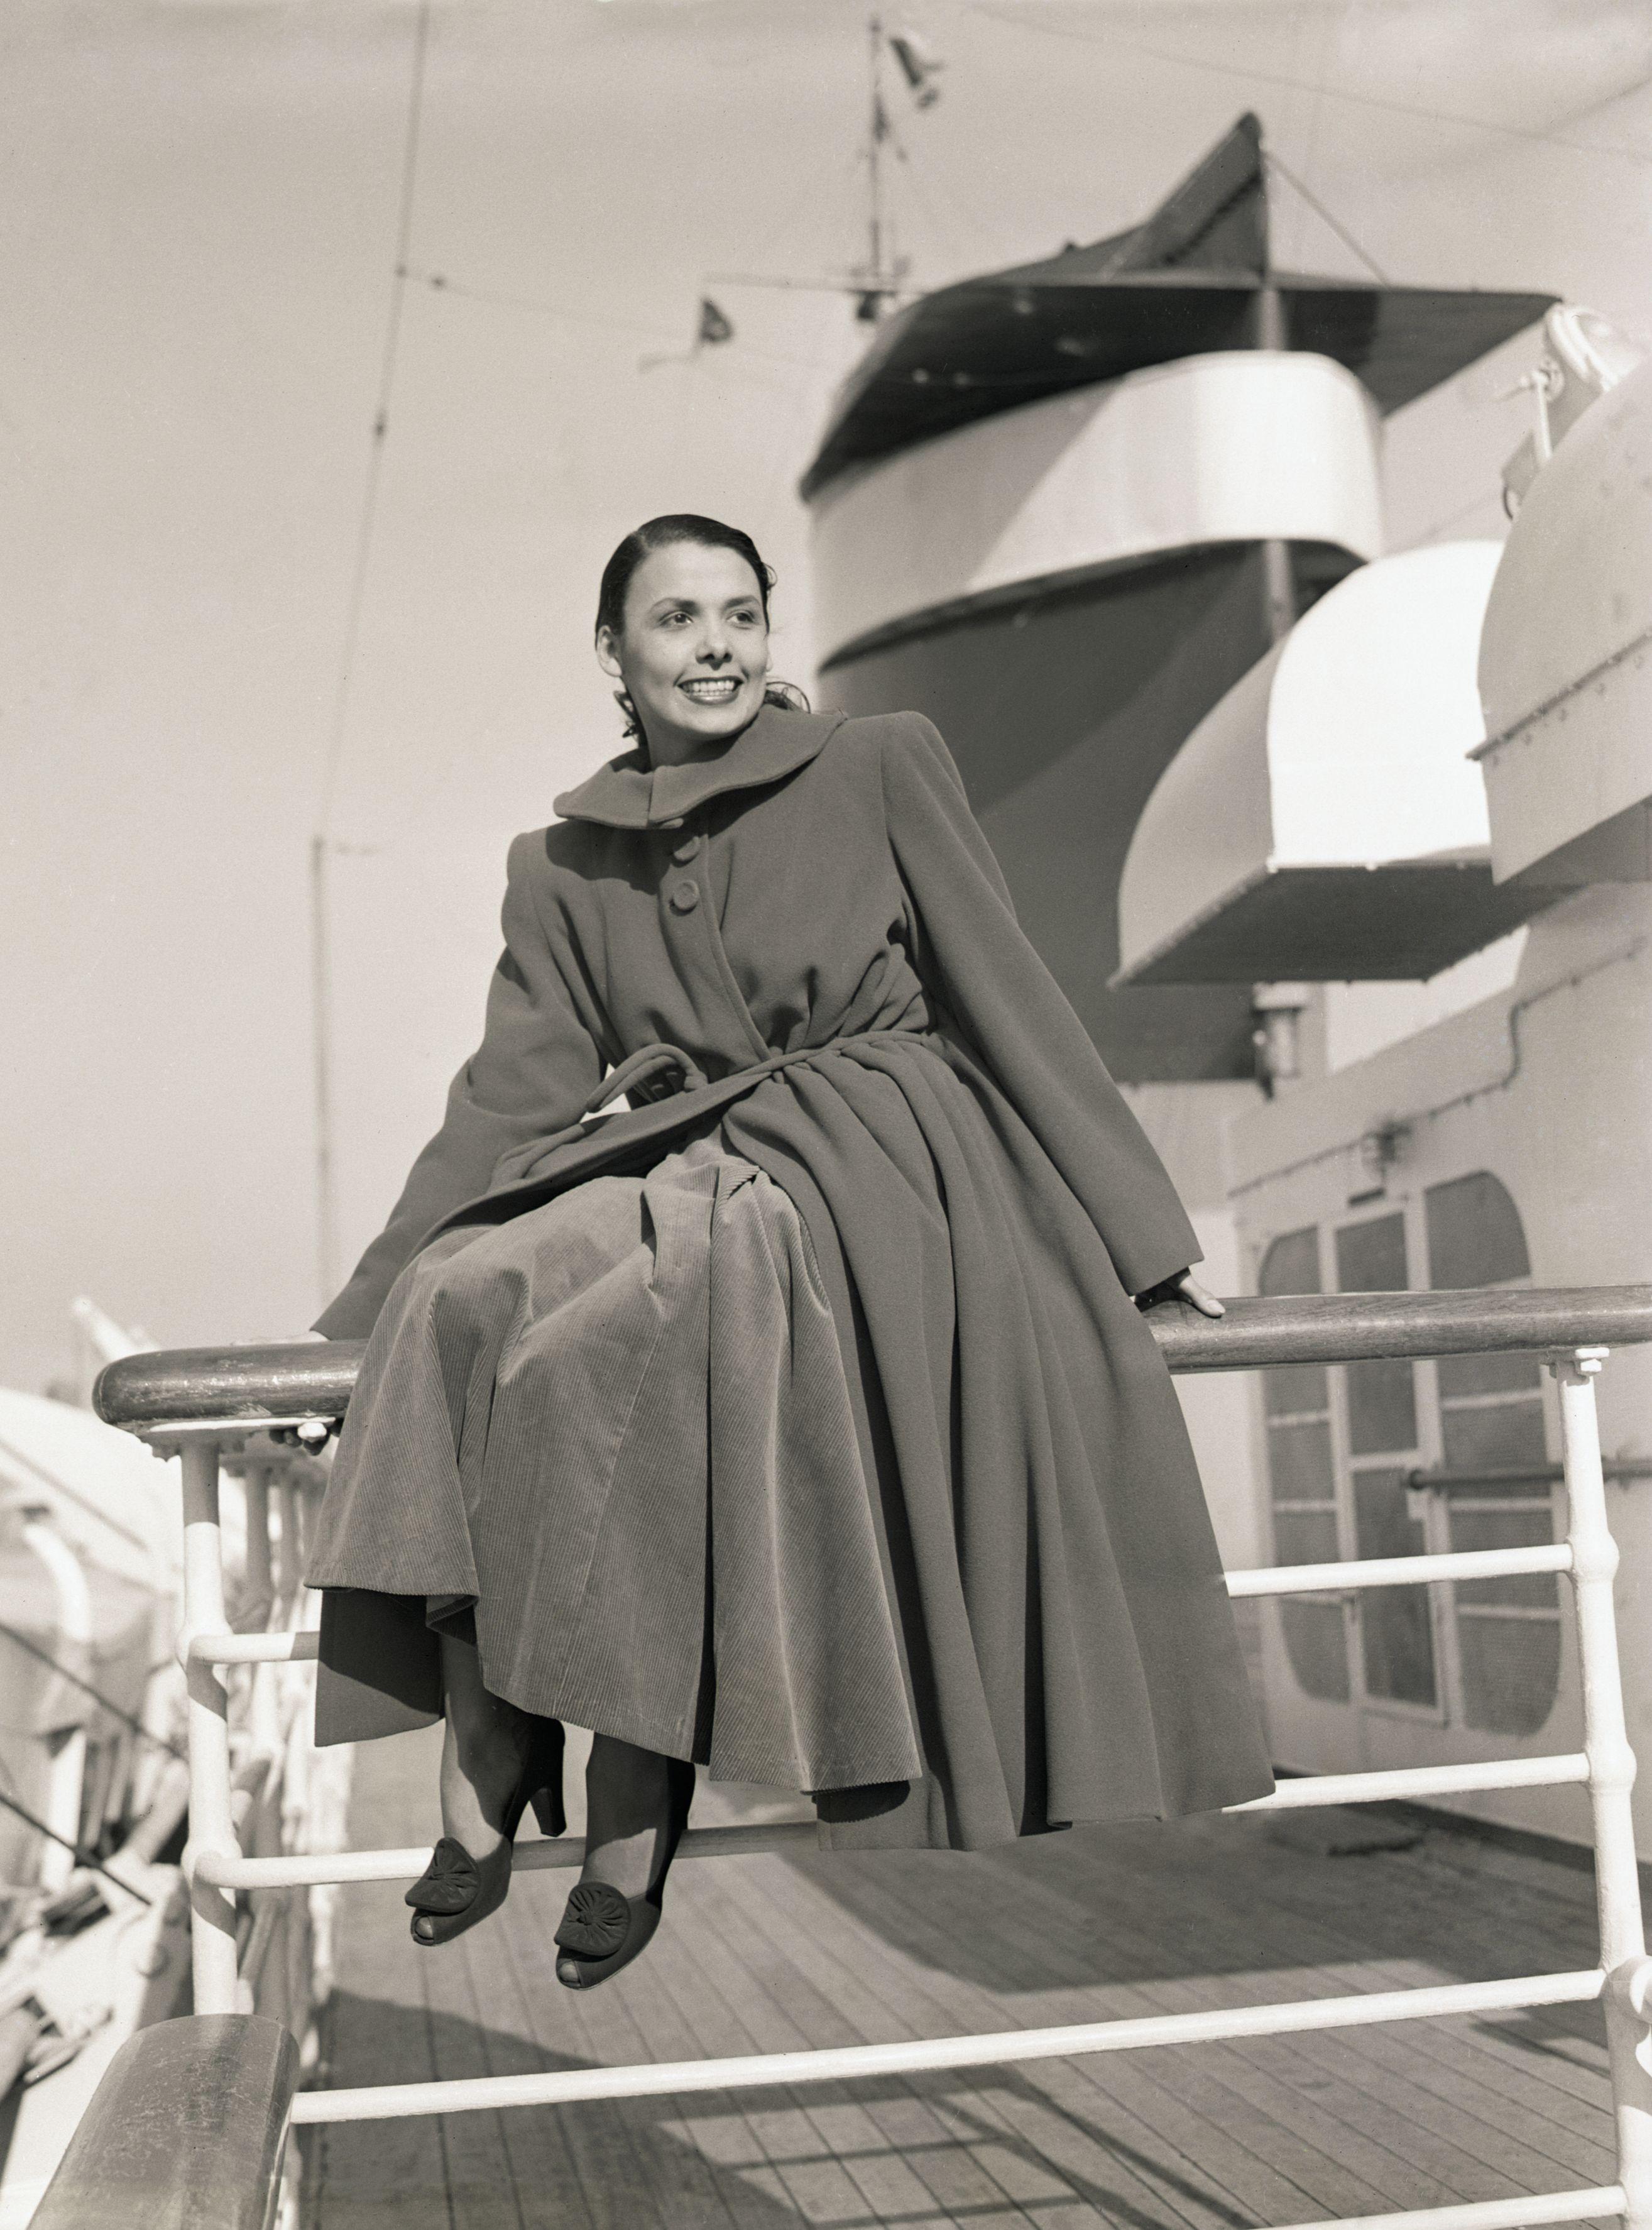 Лена Хорн се връща в Ню Йорк с кораб